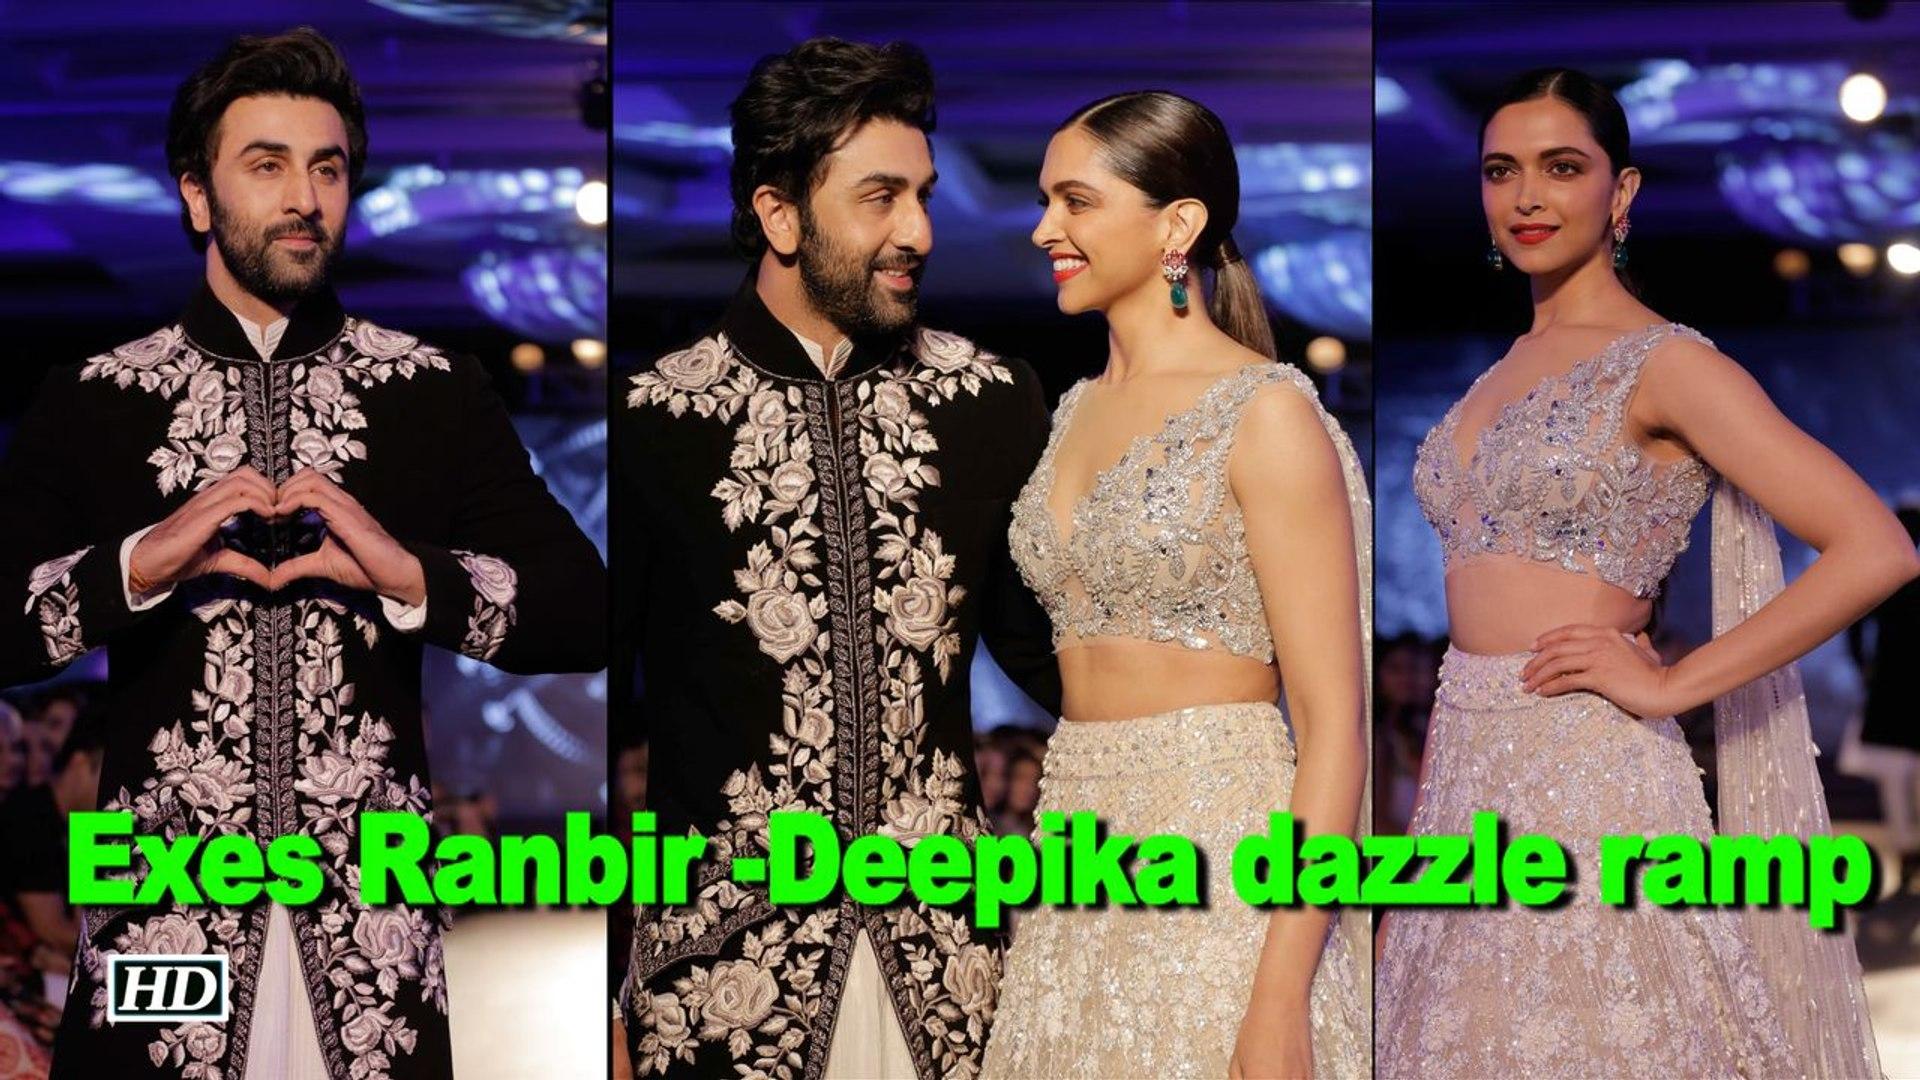 Exes Ranbir -Deepika dazzle ramp at Manish Malhotra show